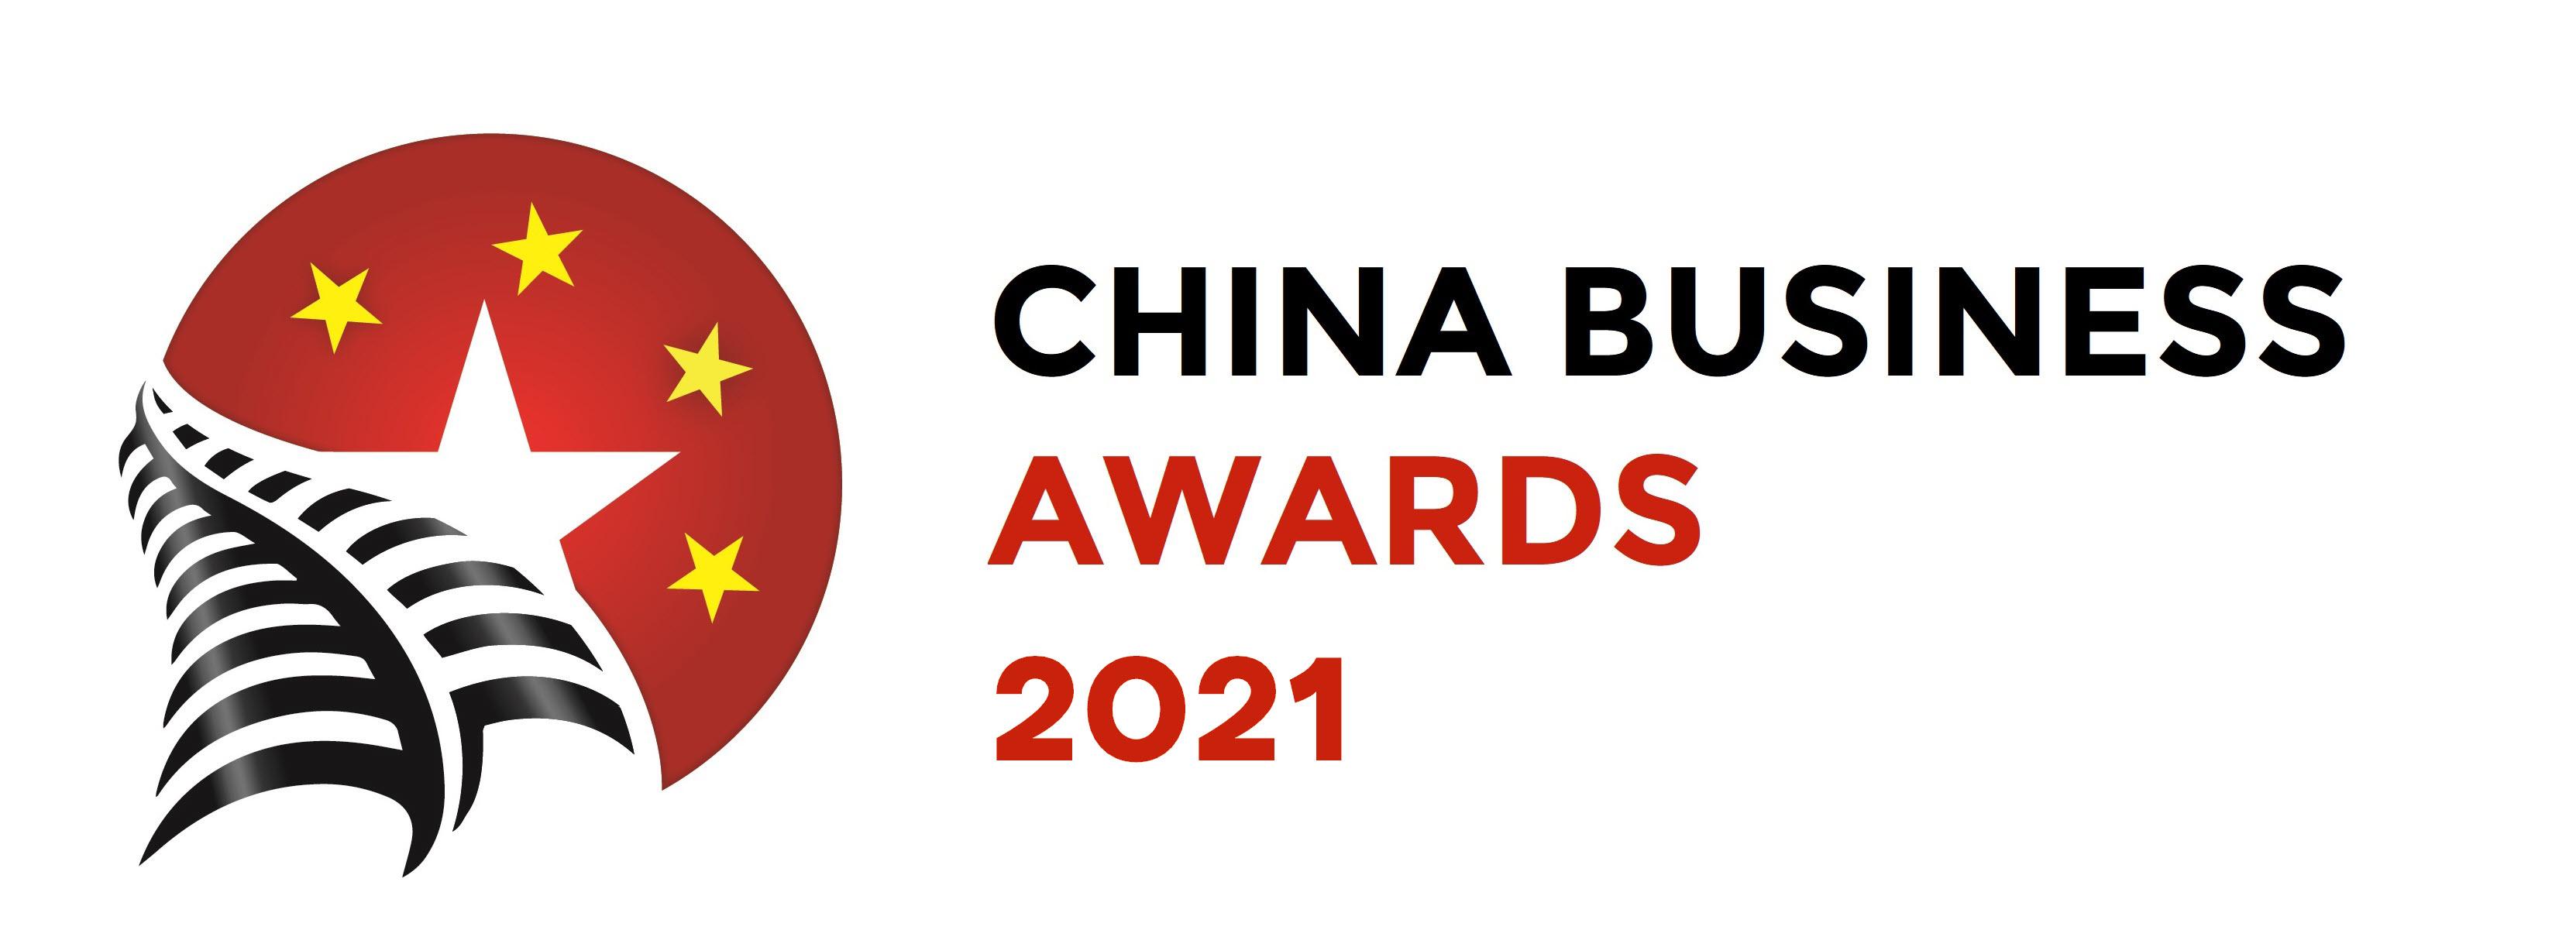 2021_China_Business_Awards_Full_Colour_v1